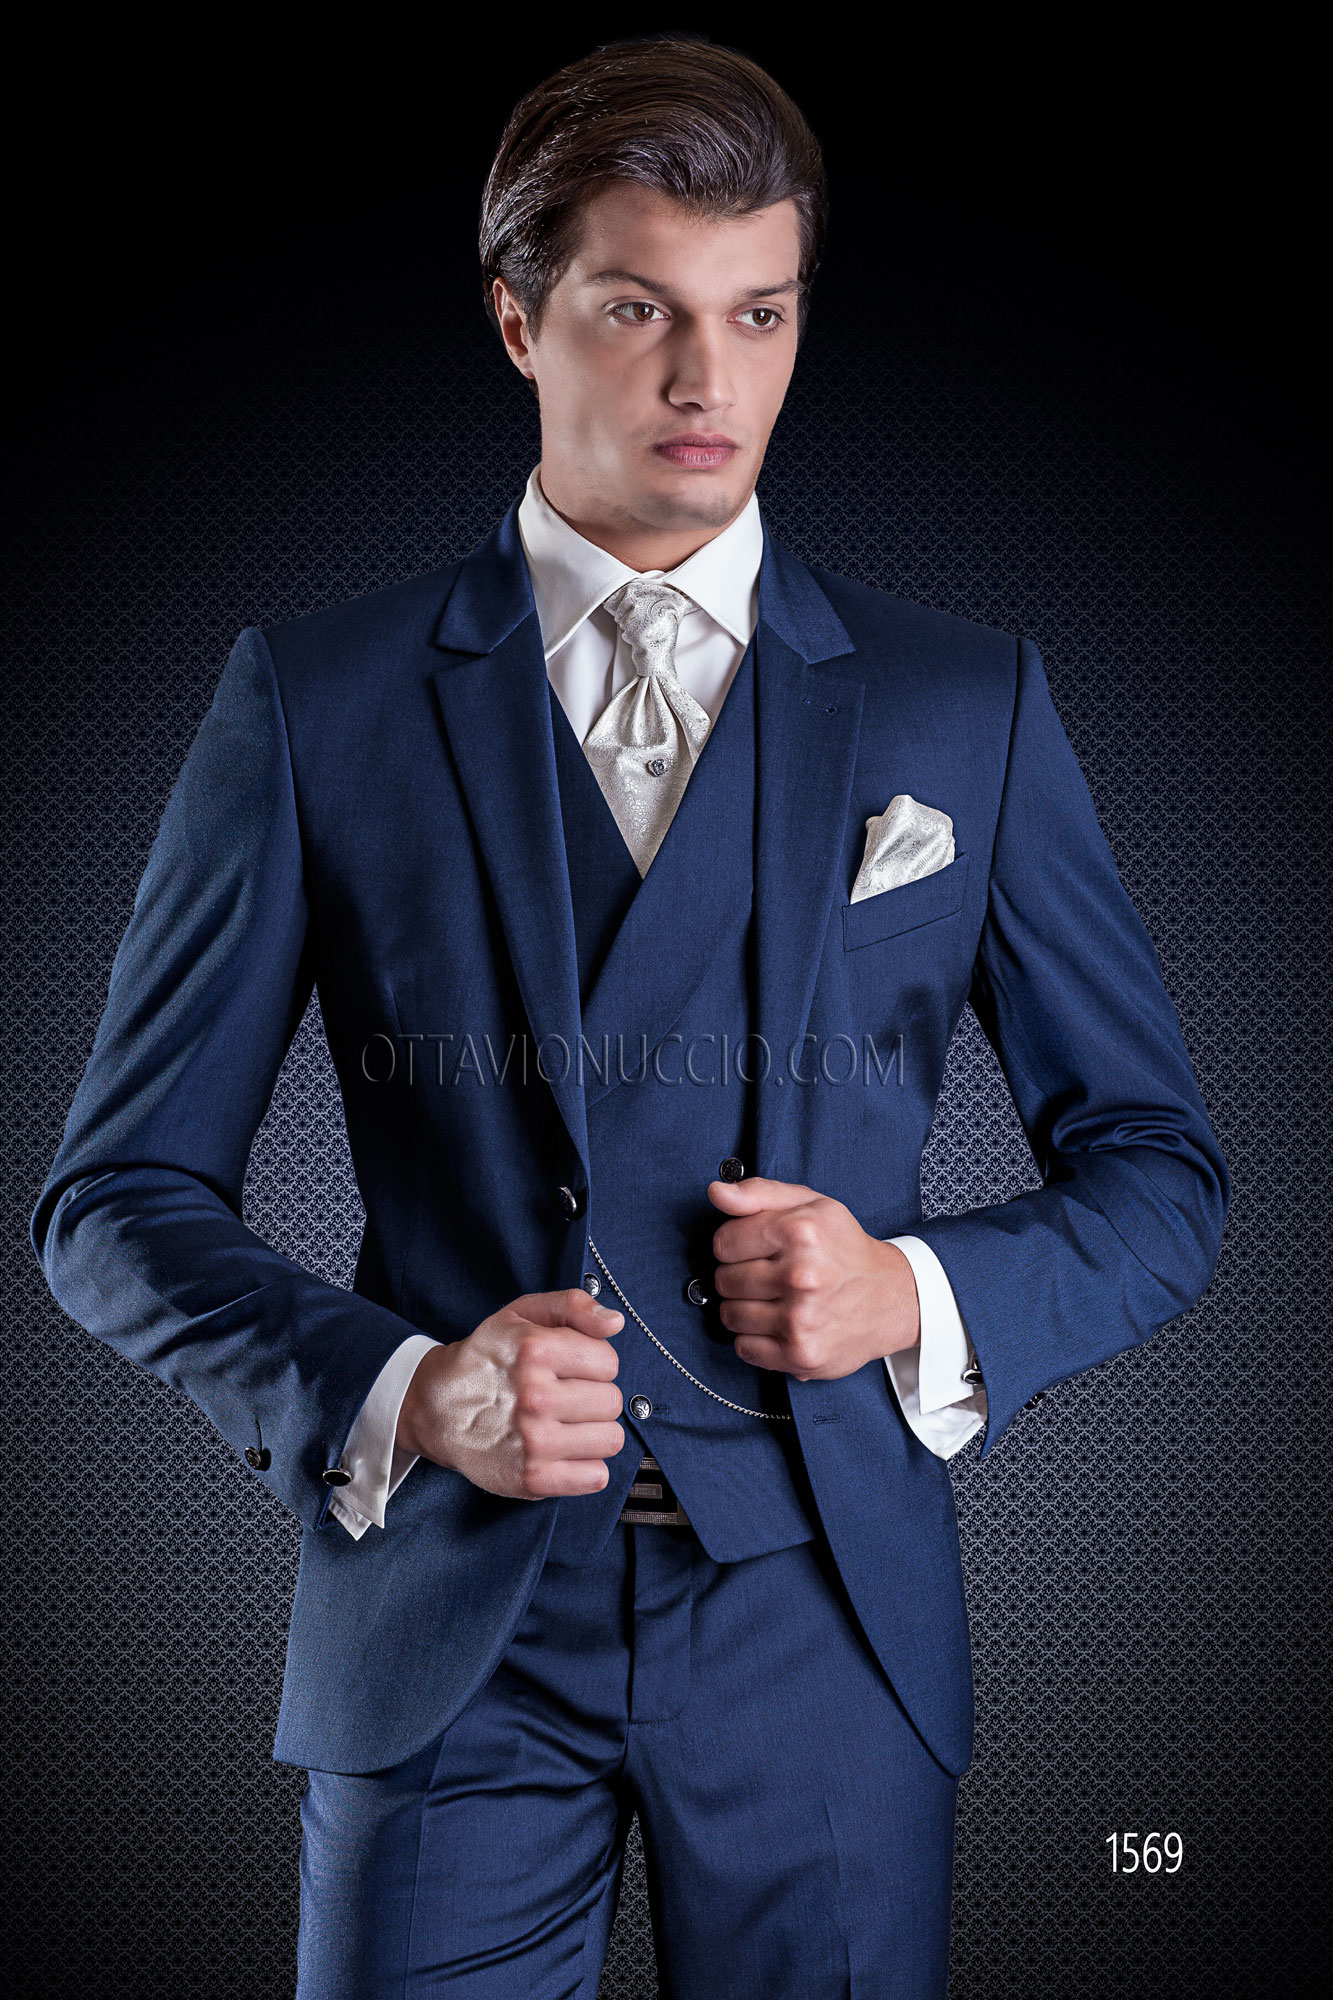 Outfit Matrimonio Uomo Gilet : Abito cerimonia uomo blu elettrico con gilet doppiopetto